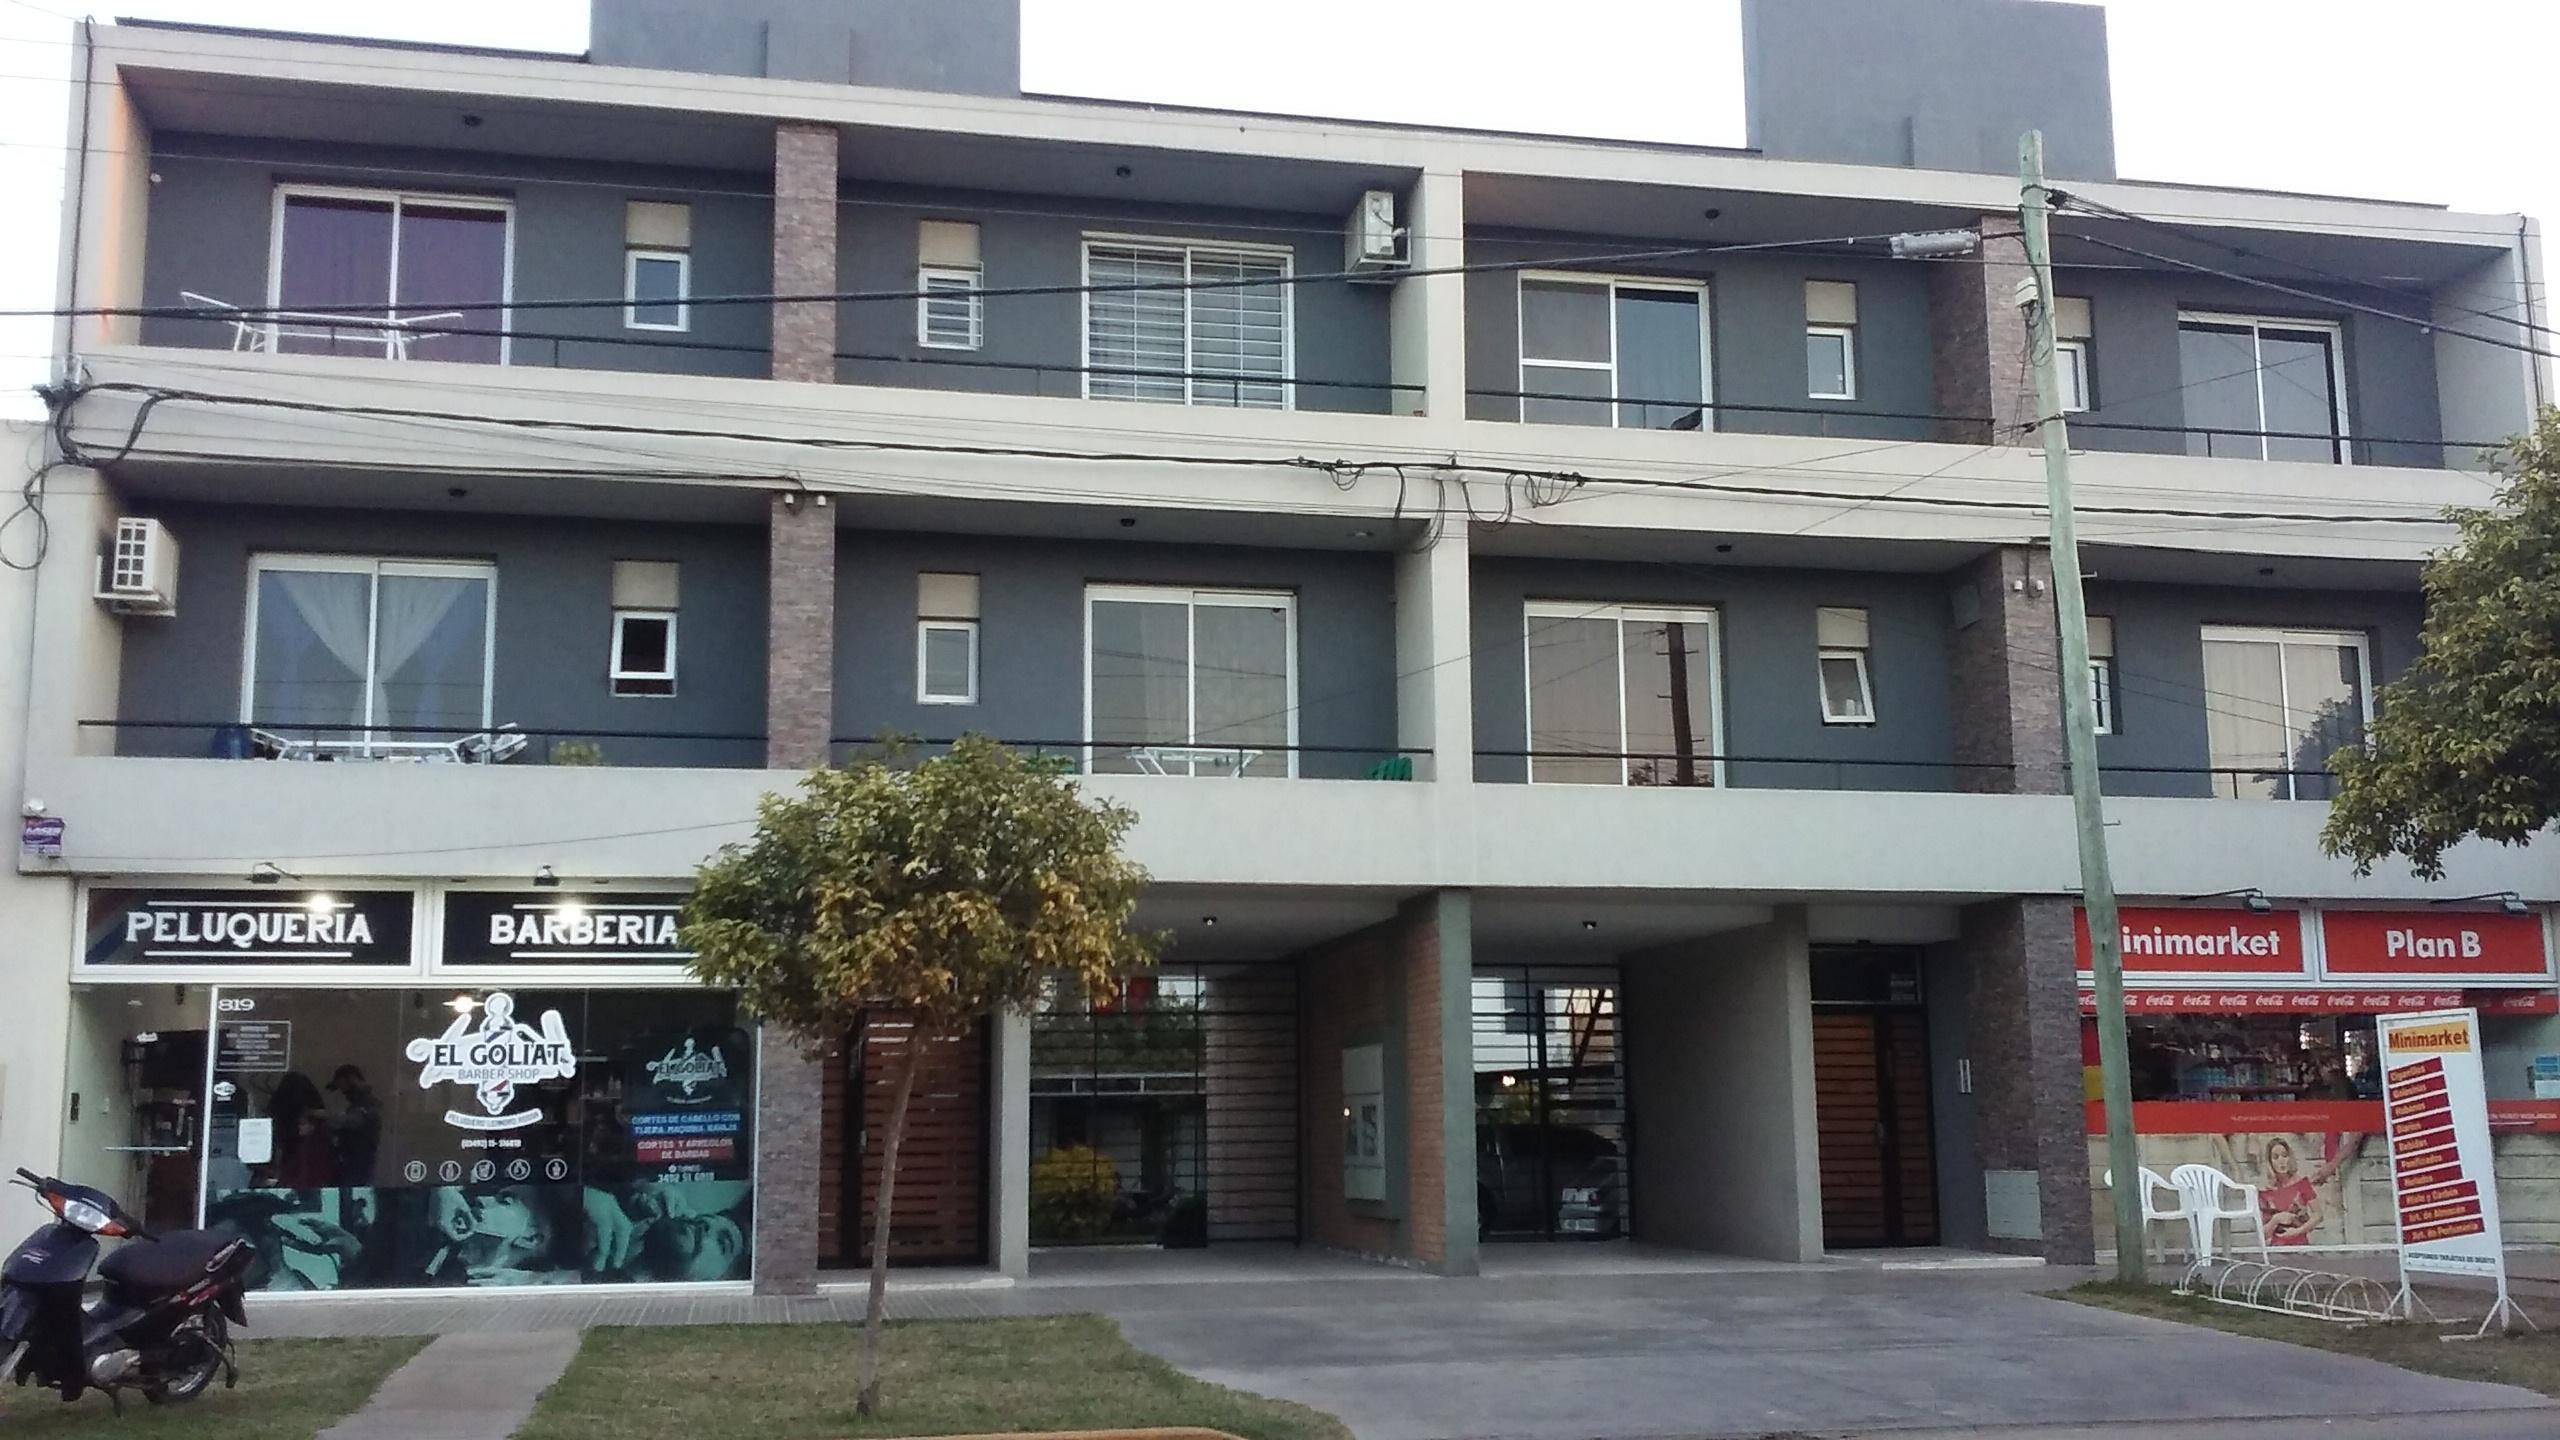 Av. Luis Fanti al 800 - Gaggiotti Inmobiliaria cuenta con más de 50 años desde que se inicio en el negocio de los servicios inmobiliarios.